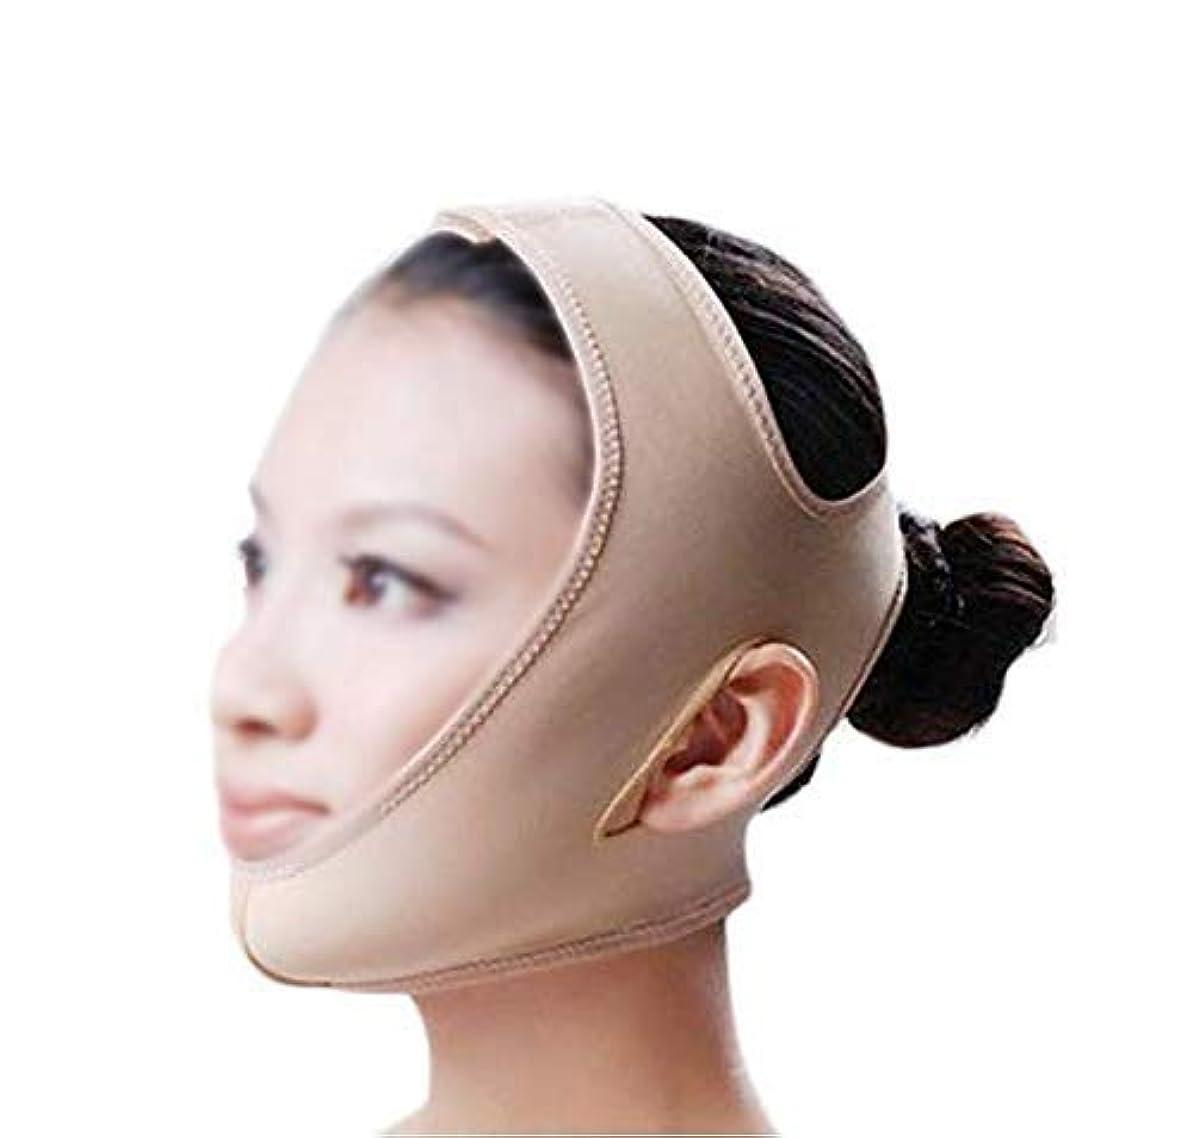 フォルダ部屋を掃除する穿孔するファーミングフェイスマスク、マスクフェイスマスク美容医学フェイスマスク美容Vフェイス包帯ライン彫刻リフティングファーミングダブルチンマスク(サイズ:S),S